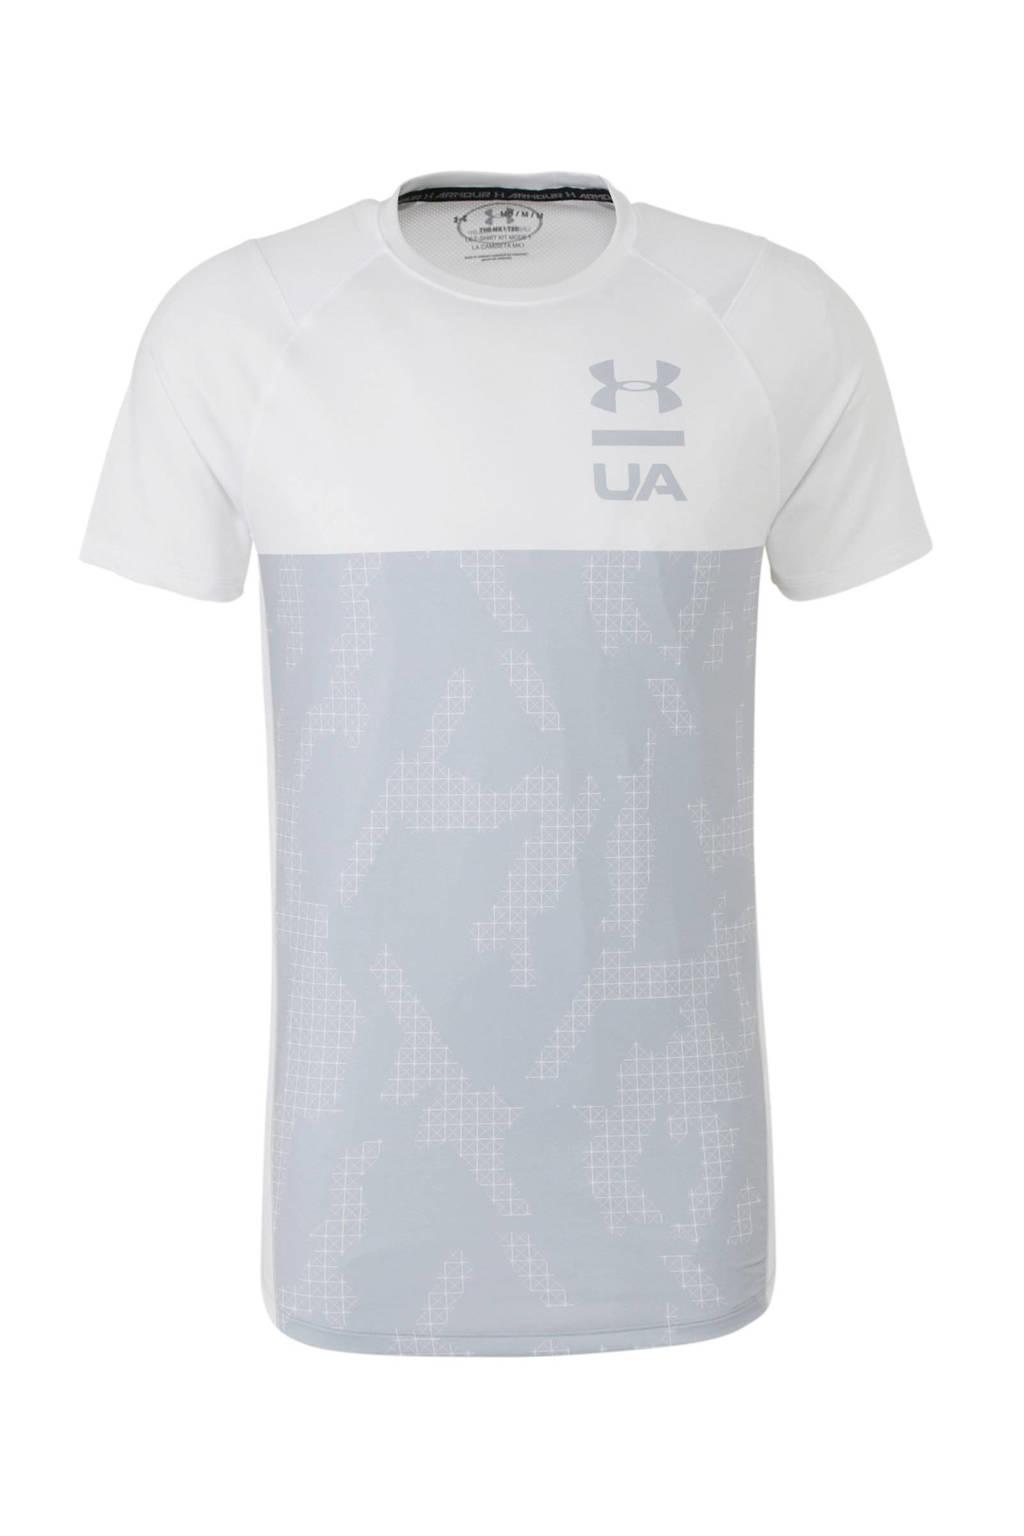 Under Armour   T-shirt wit/lichtblauw, Wit/lichtblauw